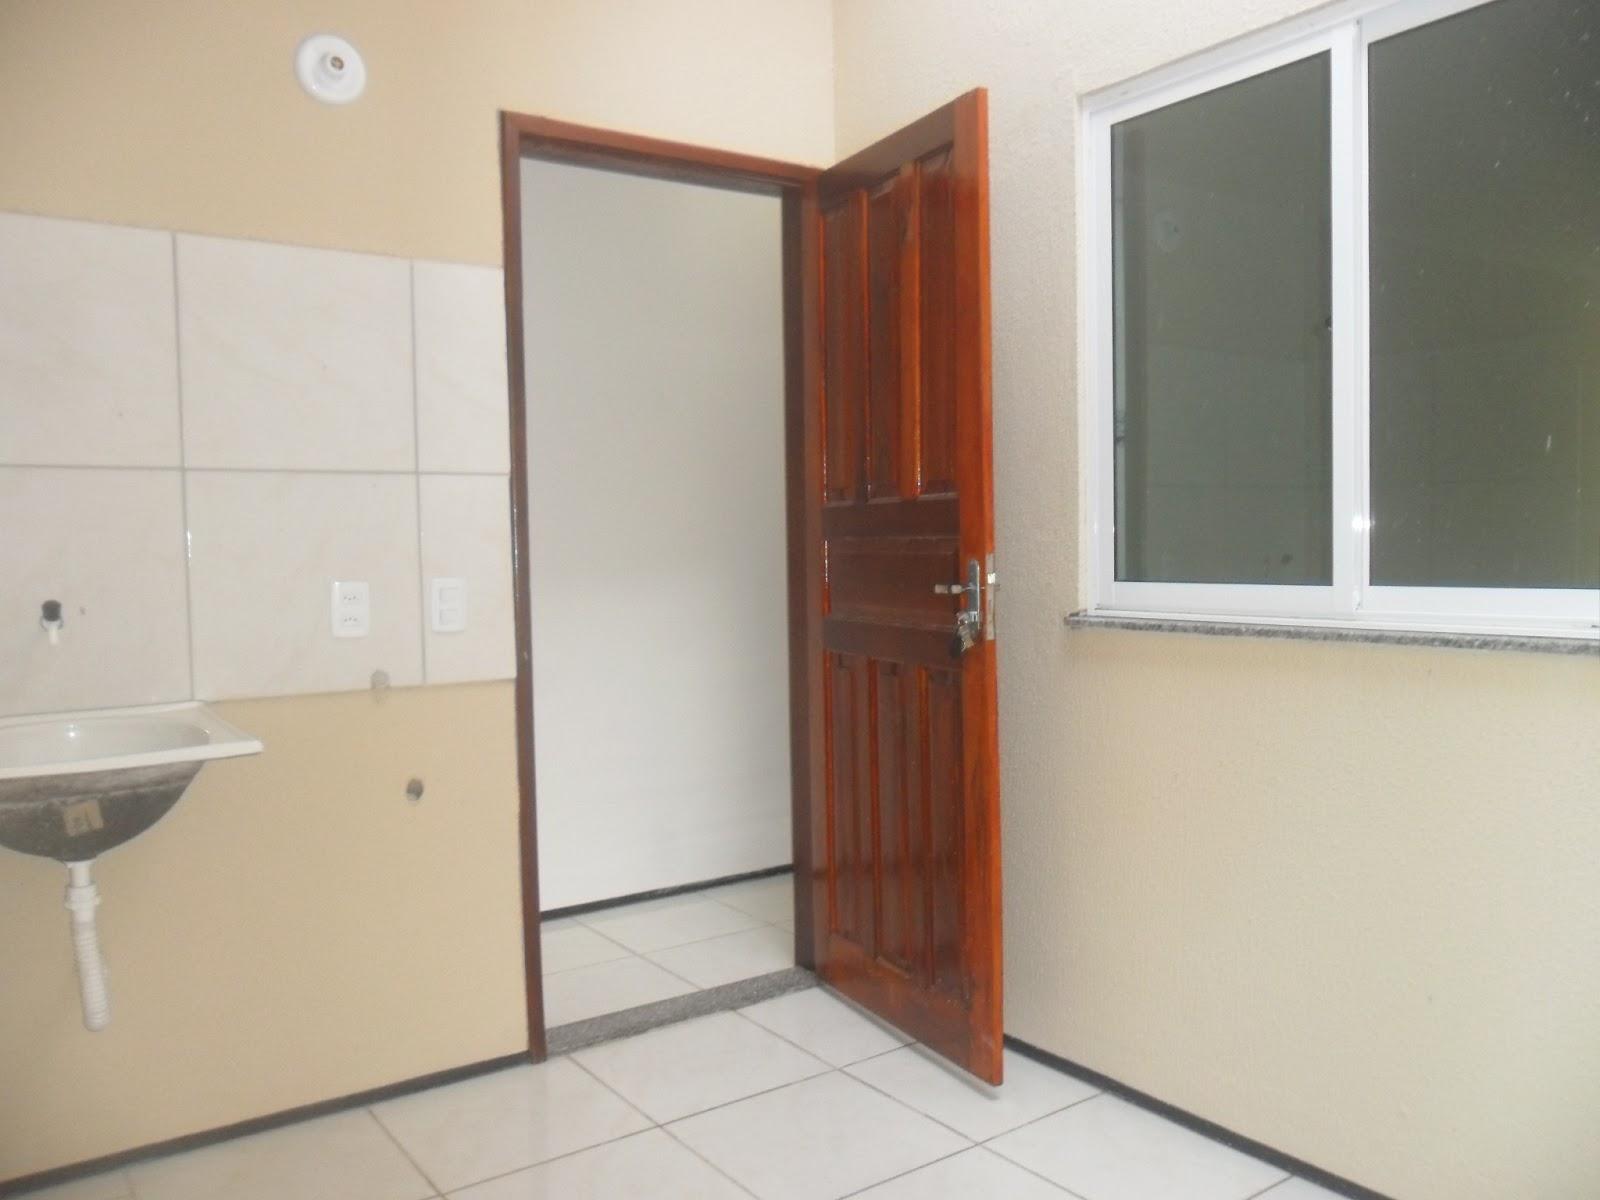 / 97469375/85671125 Casa plana 2 quartos sendo 1 suite banheiro  #A84A23 1600 1200